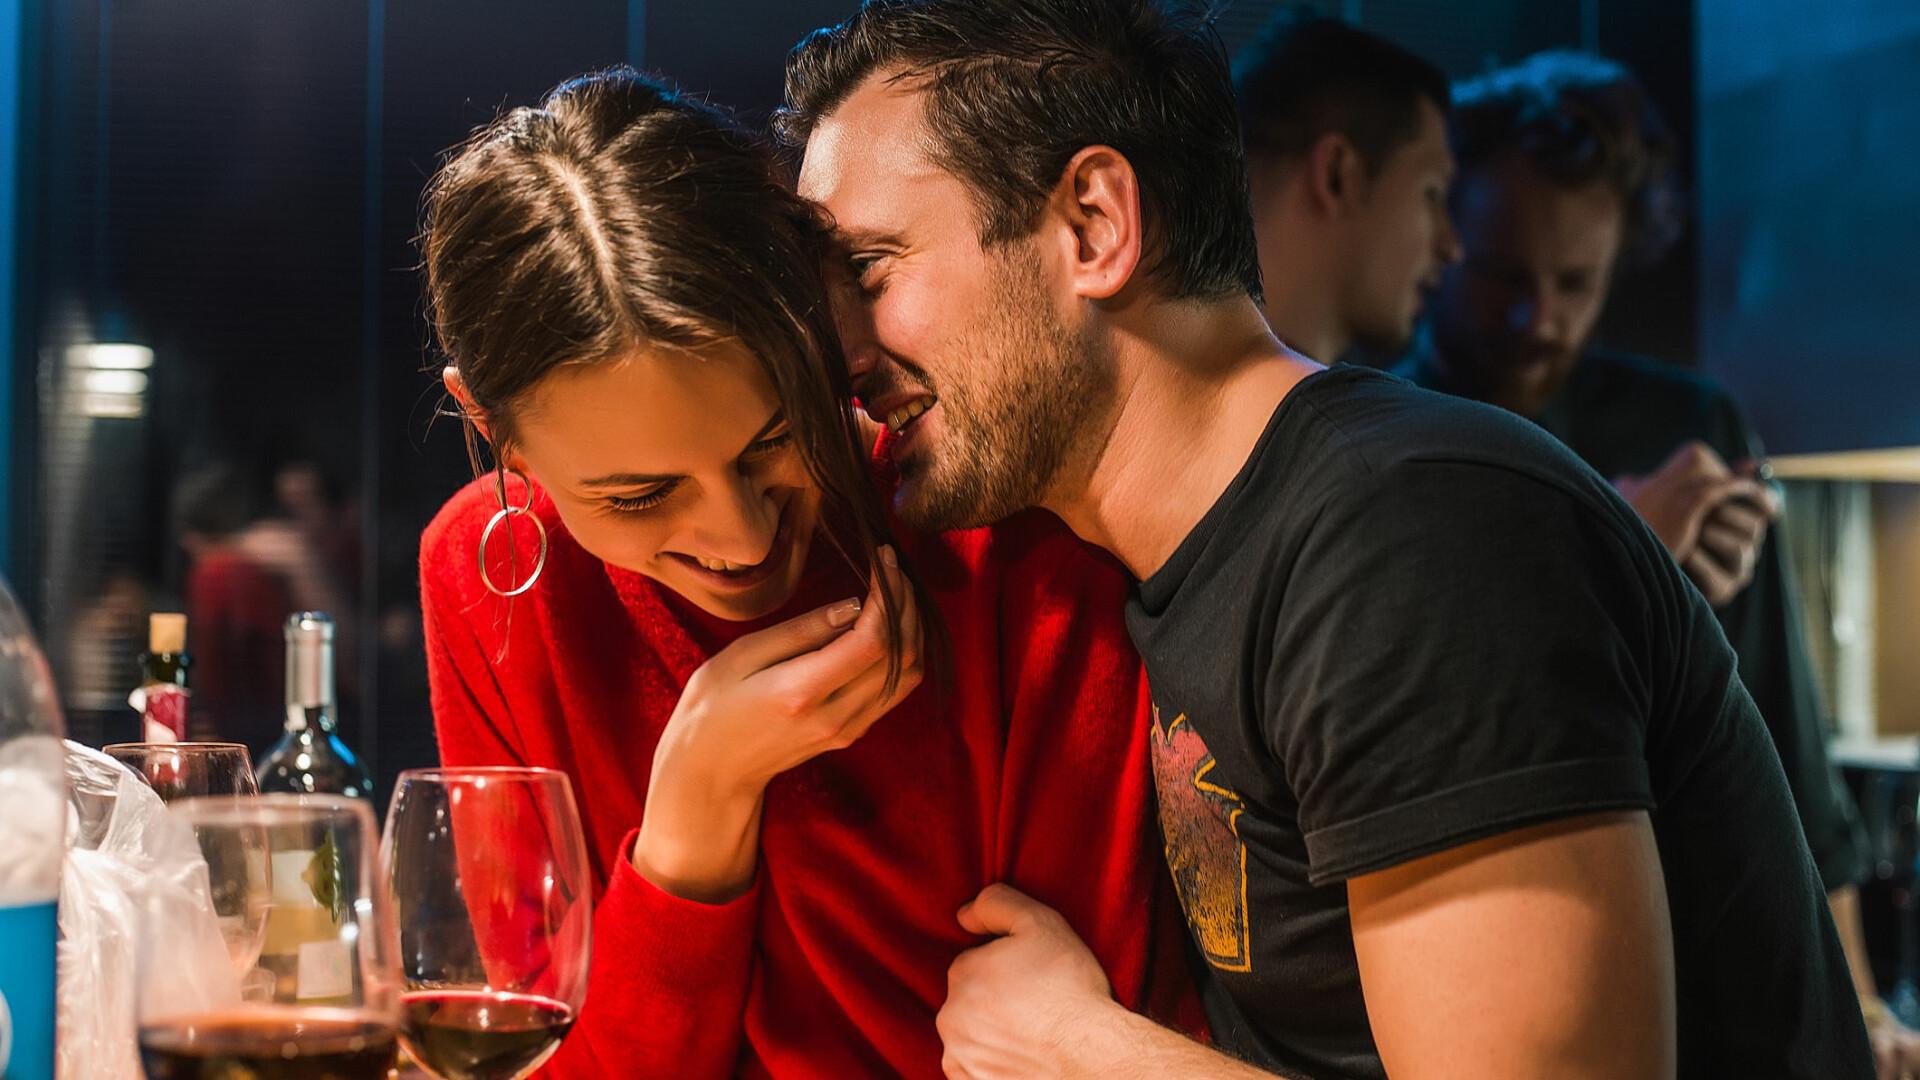 sjenert jente i sandnes ønsker å knulle gift mann